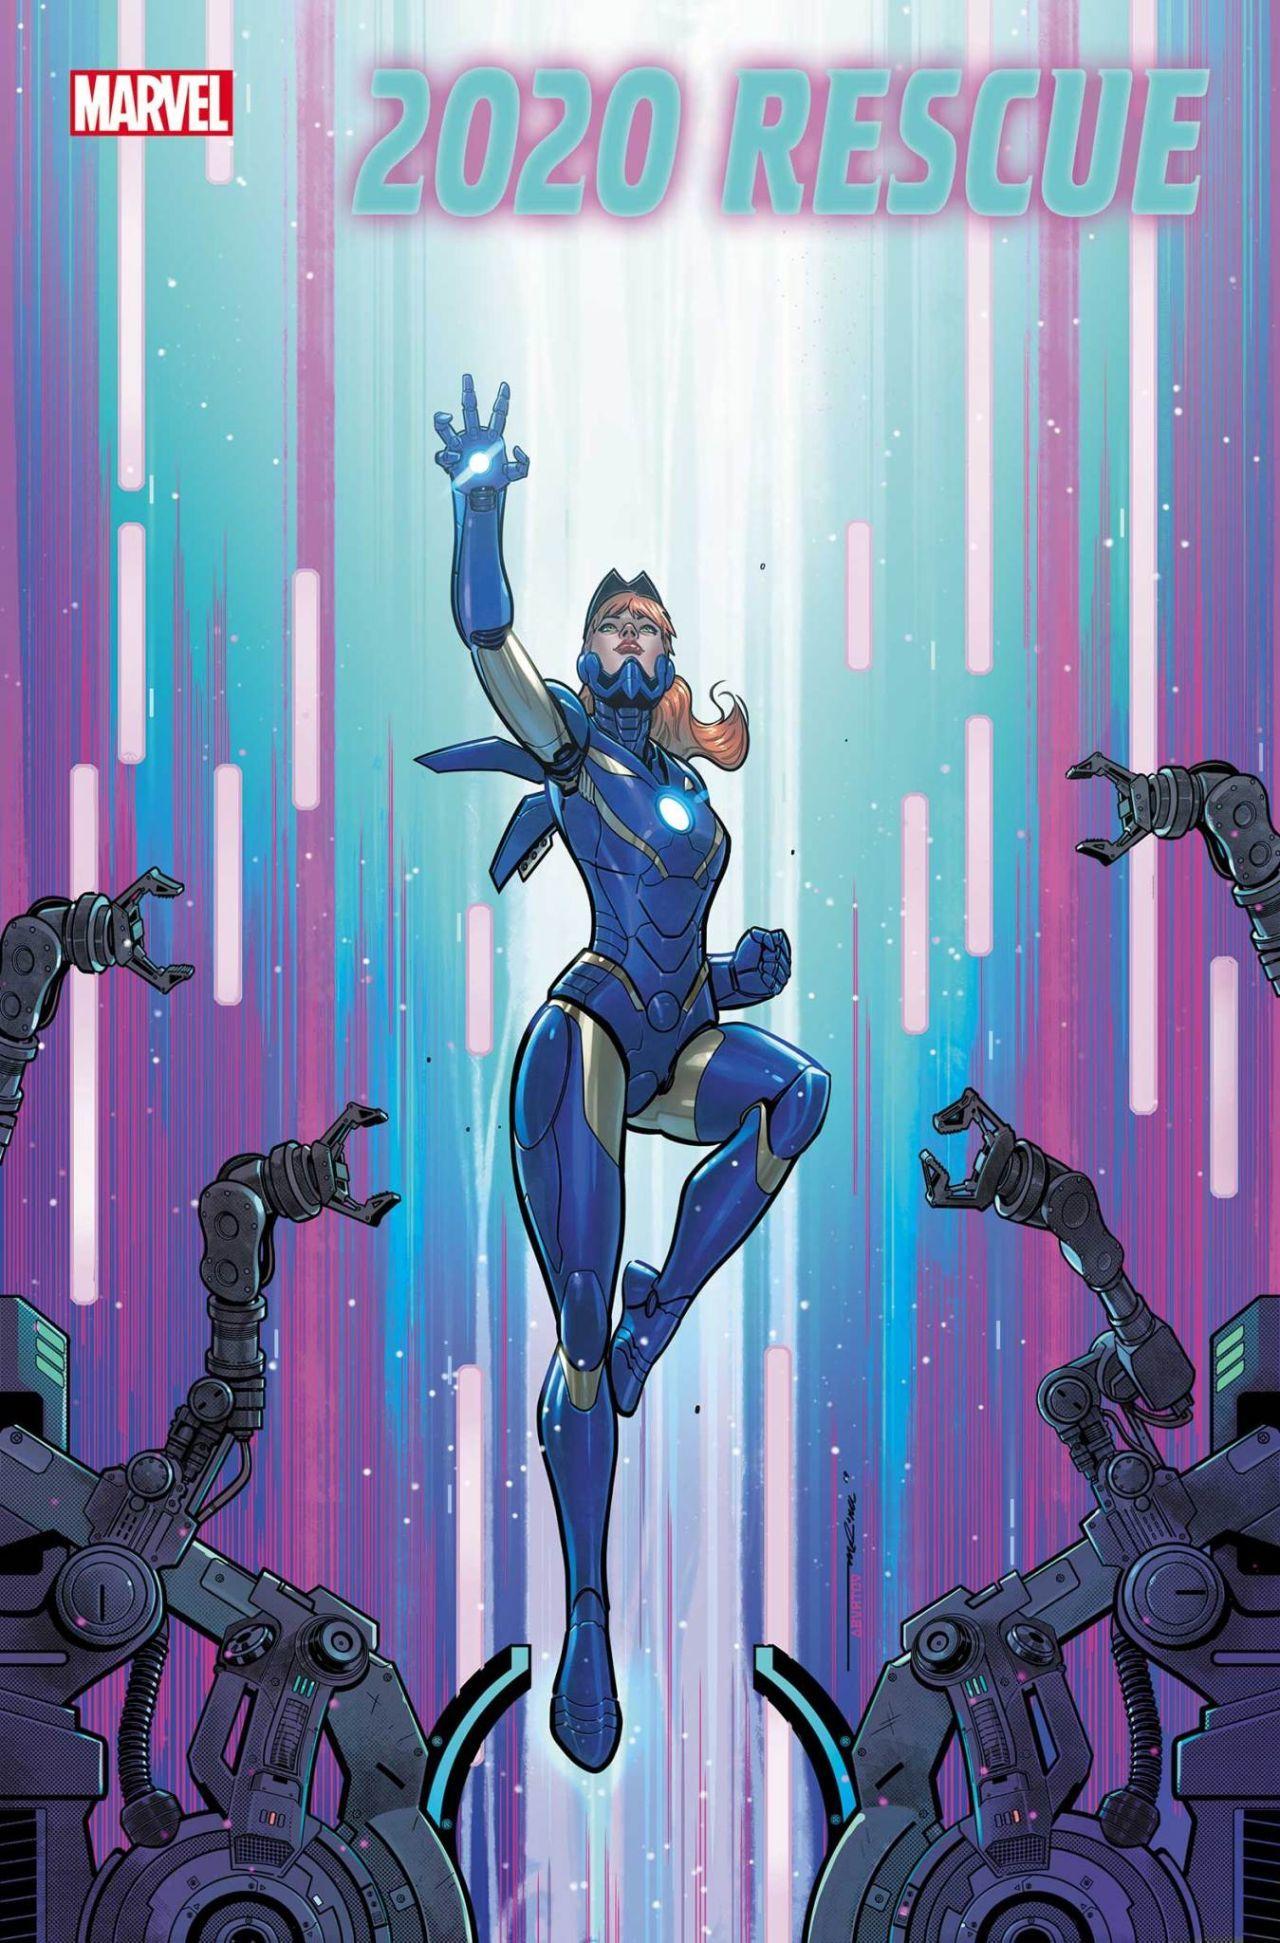 Спасительница получила новый костюм в «Железном человеке 2020»